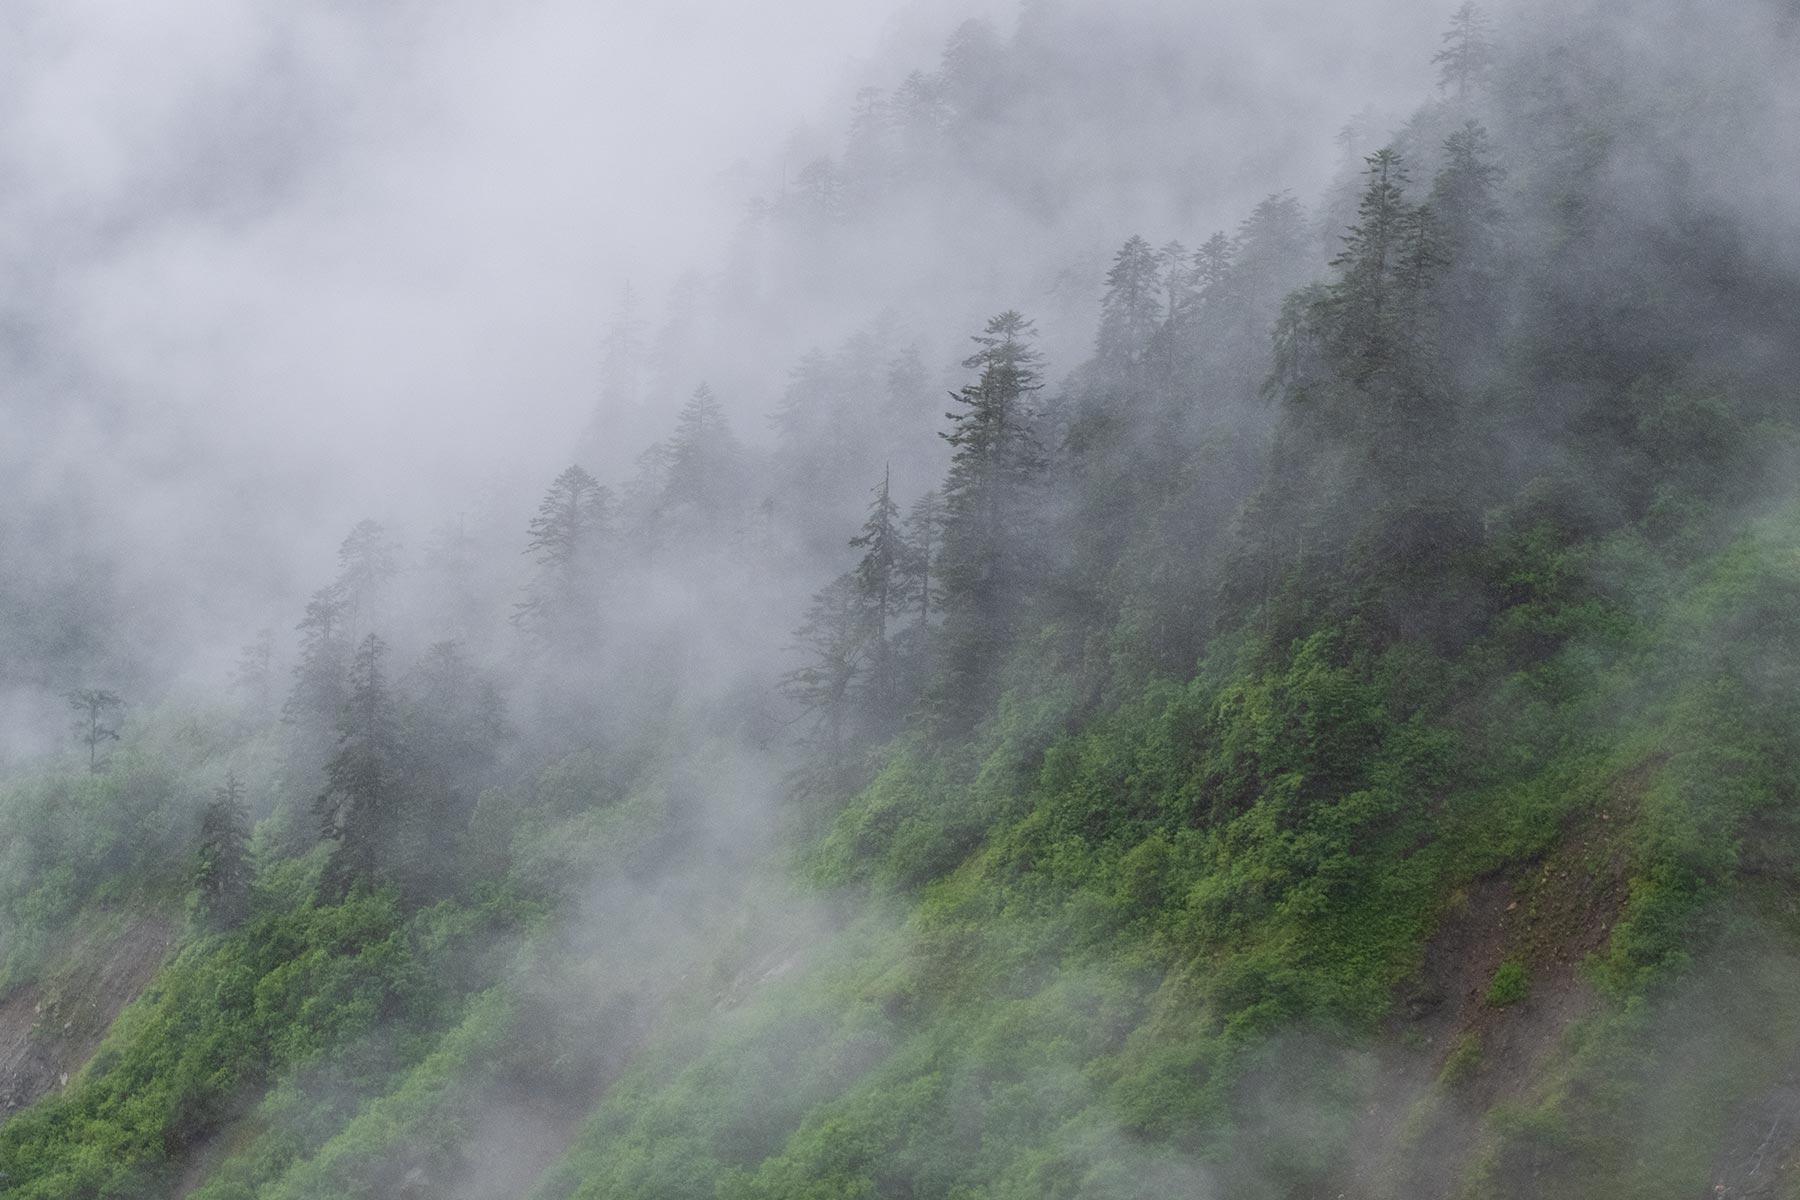 Regen und Wolken im Wald im Vogel im Hailuogou Gletscher Park in Sichuan